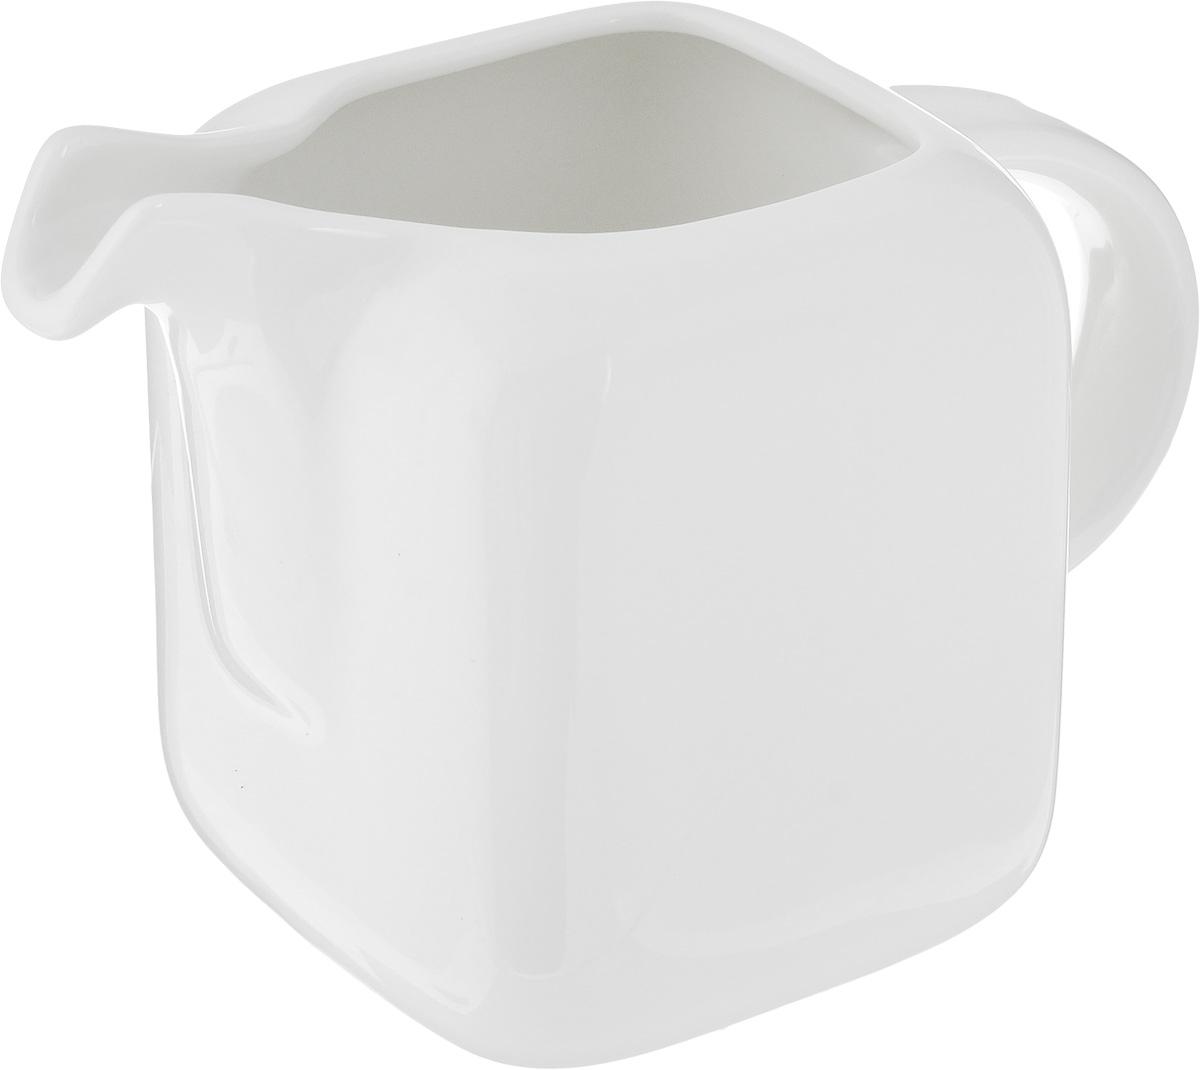 Молочник Ariane Vital Square, 250 мл115510Молочник Ariane Vital Square изготовлен из высококачественного фарфора с глазурованным покрытием. Изделие предназначено для сервировки сливок или молока. Такой молочник отлично подойдет как для праздничного чаепития, так и для повседневного использования. Изделие функциональное, практичное и легкое в уходе. Можно мыть в посудомоечной машине и использовать в СВЧ.Размер молочника (по верхнему краю): 5 х 5 см.Диаметр основания: 8 см.Высота: 10 см.